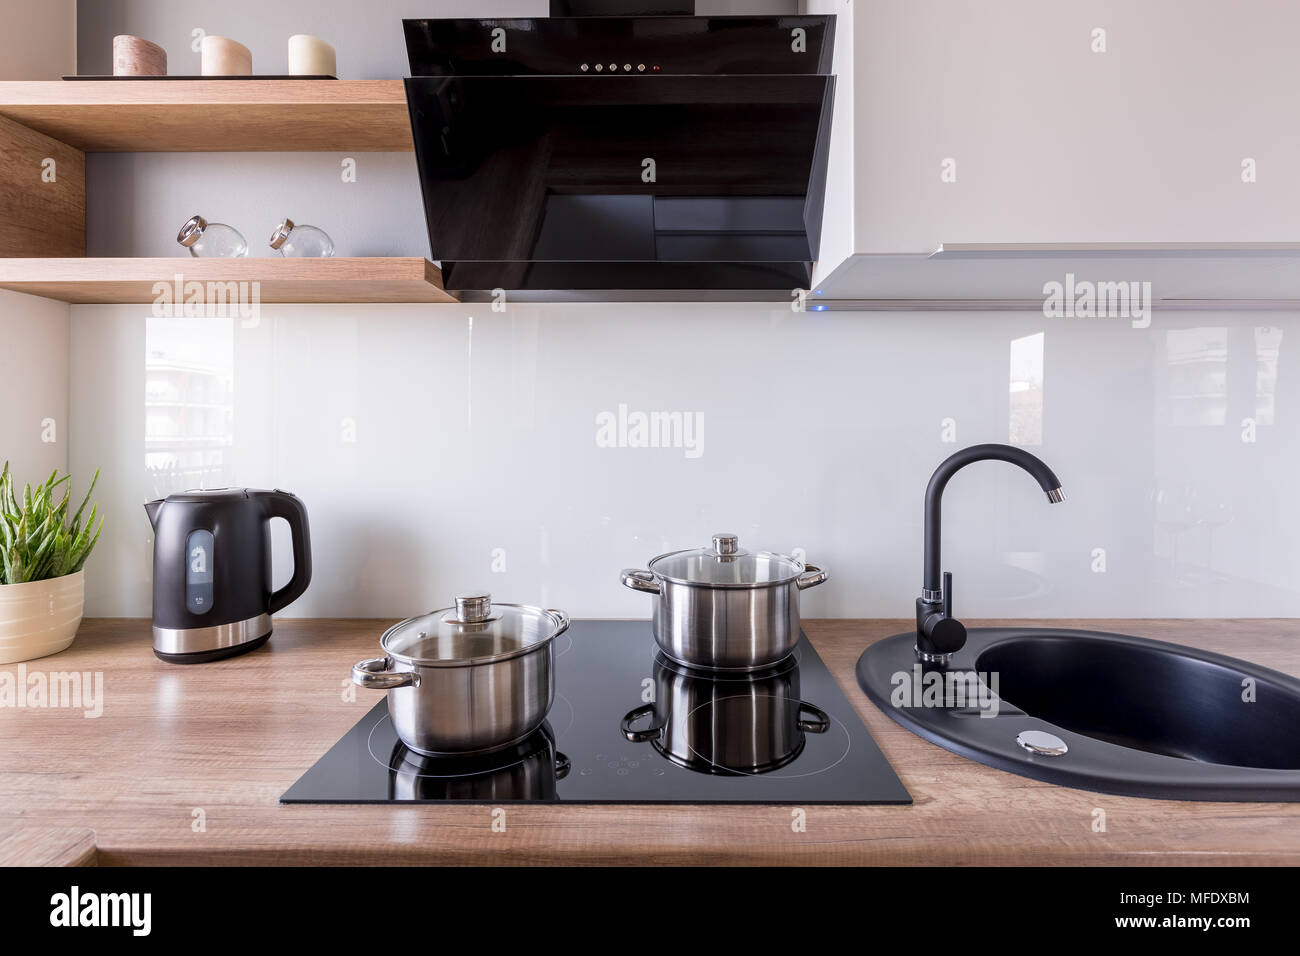 Moderne Küche mit Abzugshaube, neues Design schwarz Waschbecken und ...